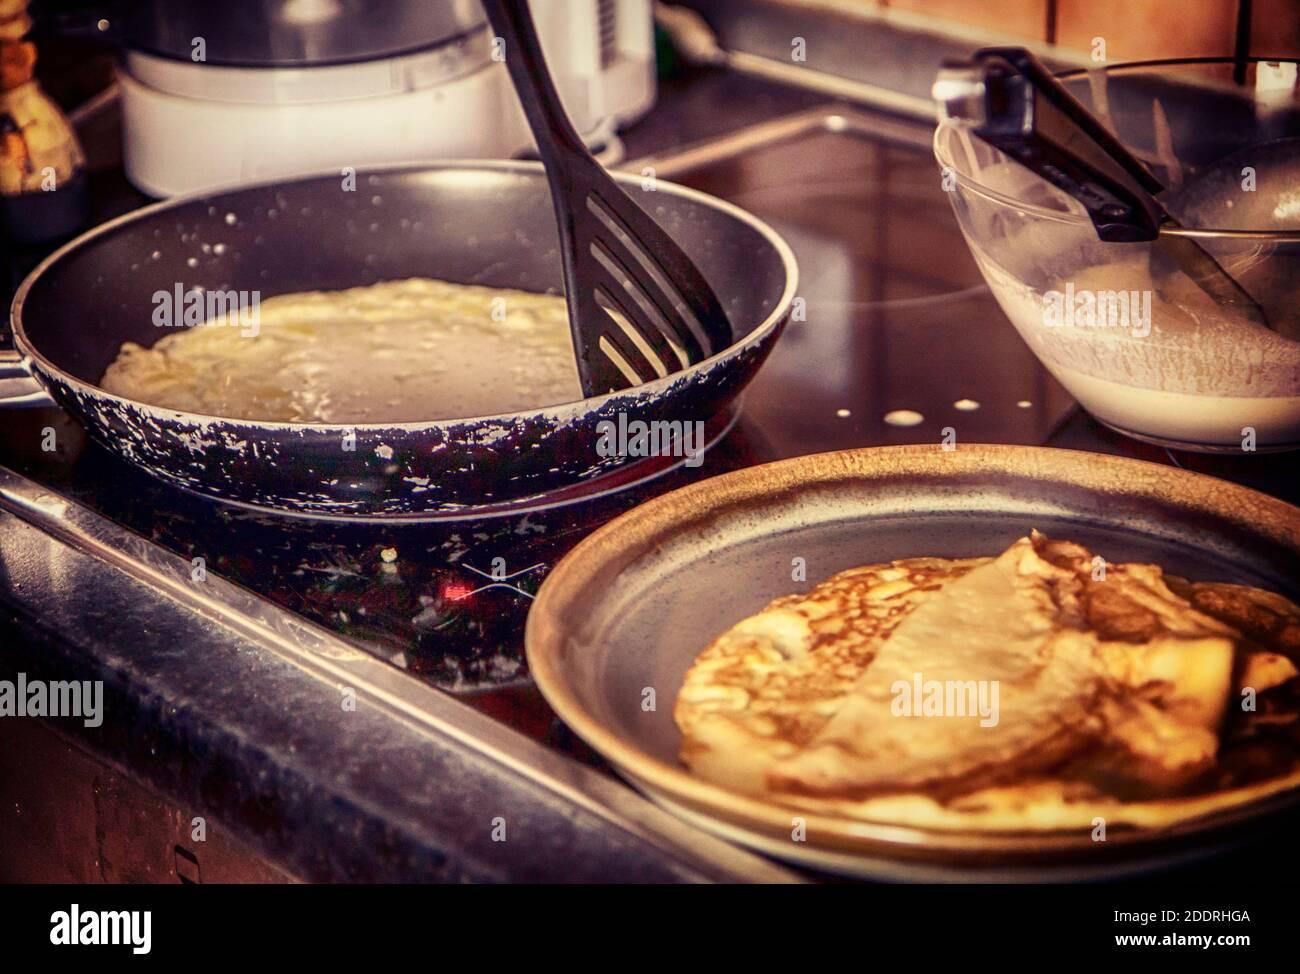 Cuisiner à la maison : faire des crêpes dans la poêle pour un petit déjeuner festif Banque D'Images